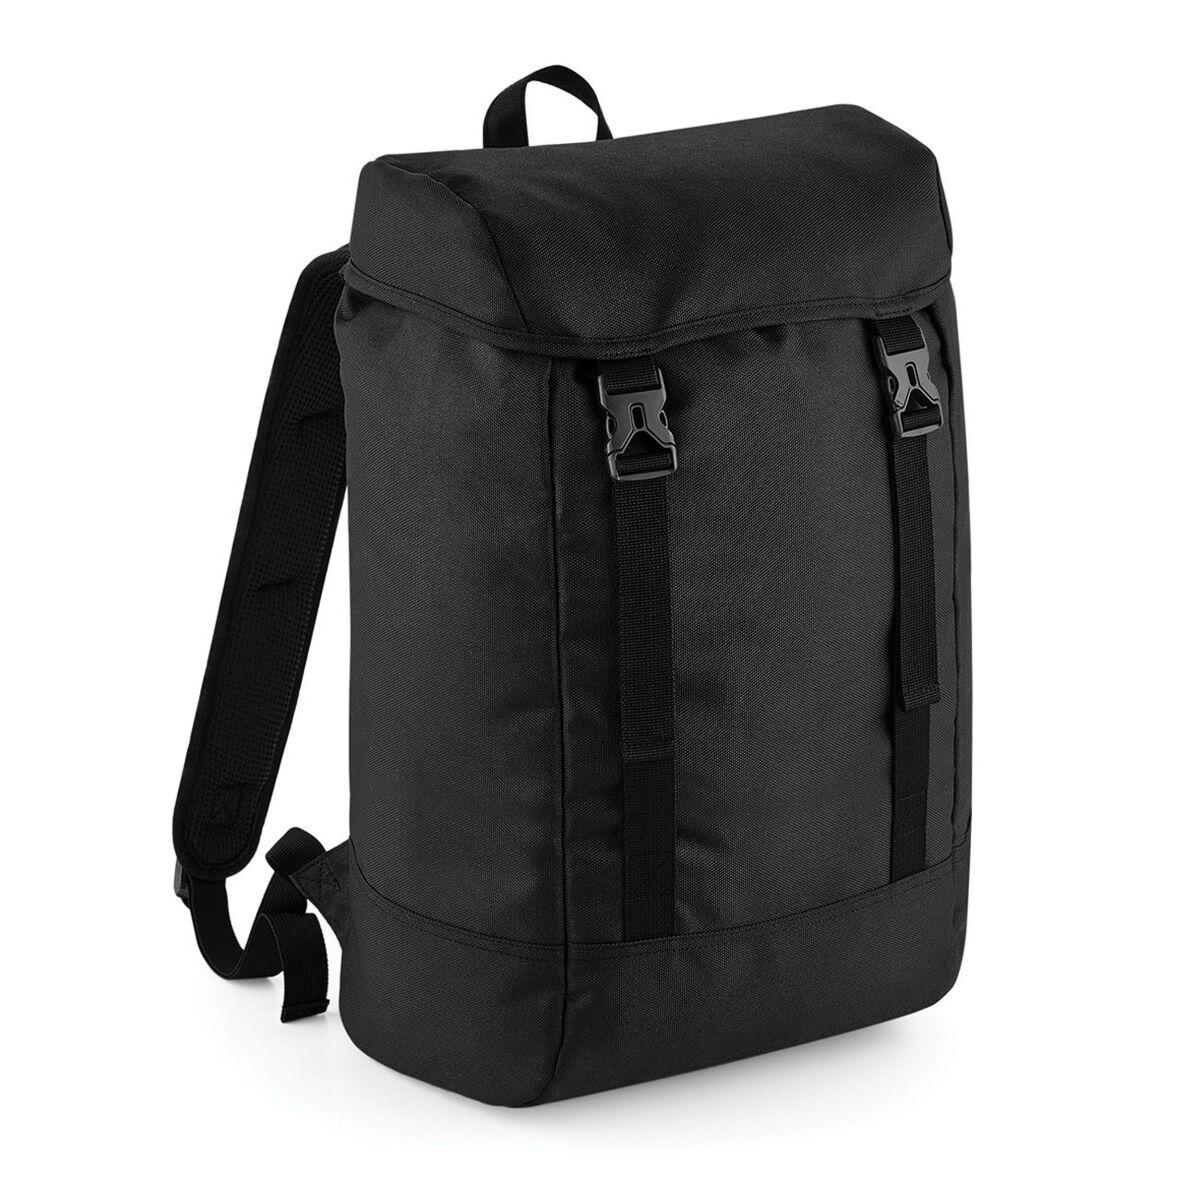 Bagbase Urban Utility Backpack